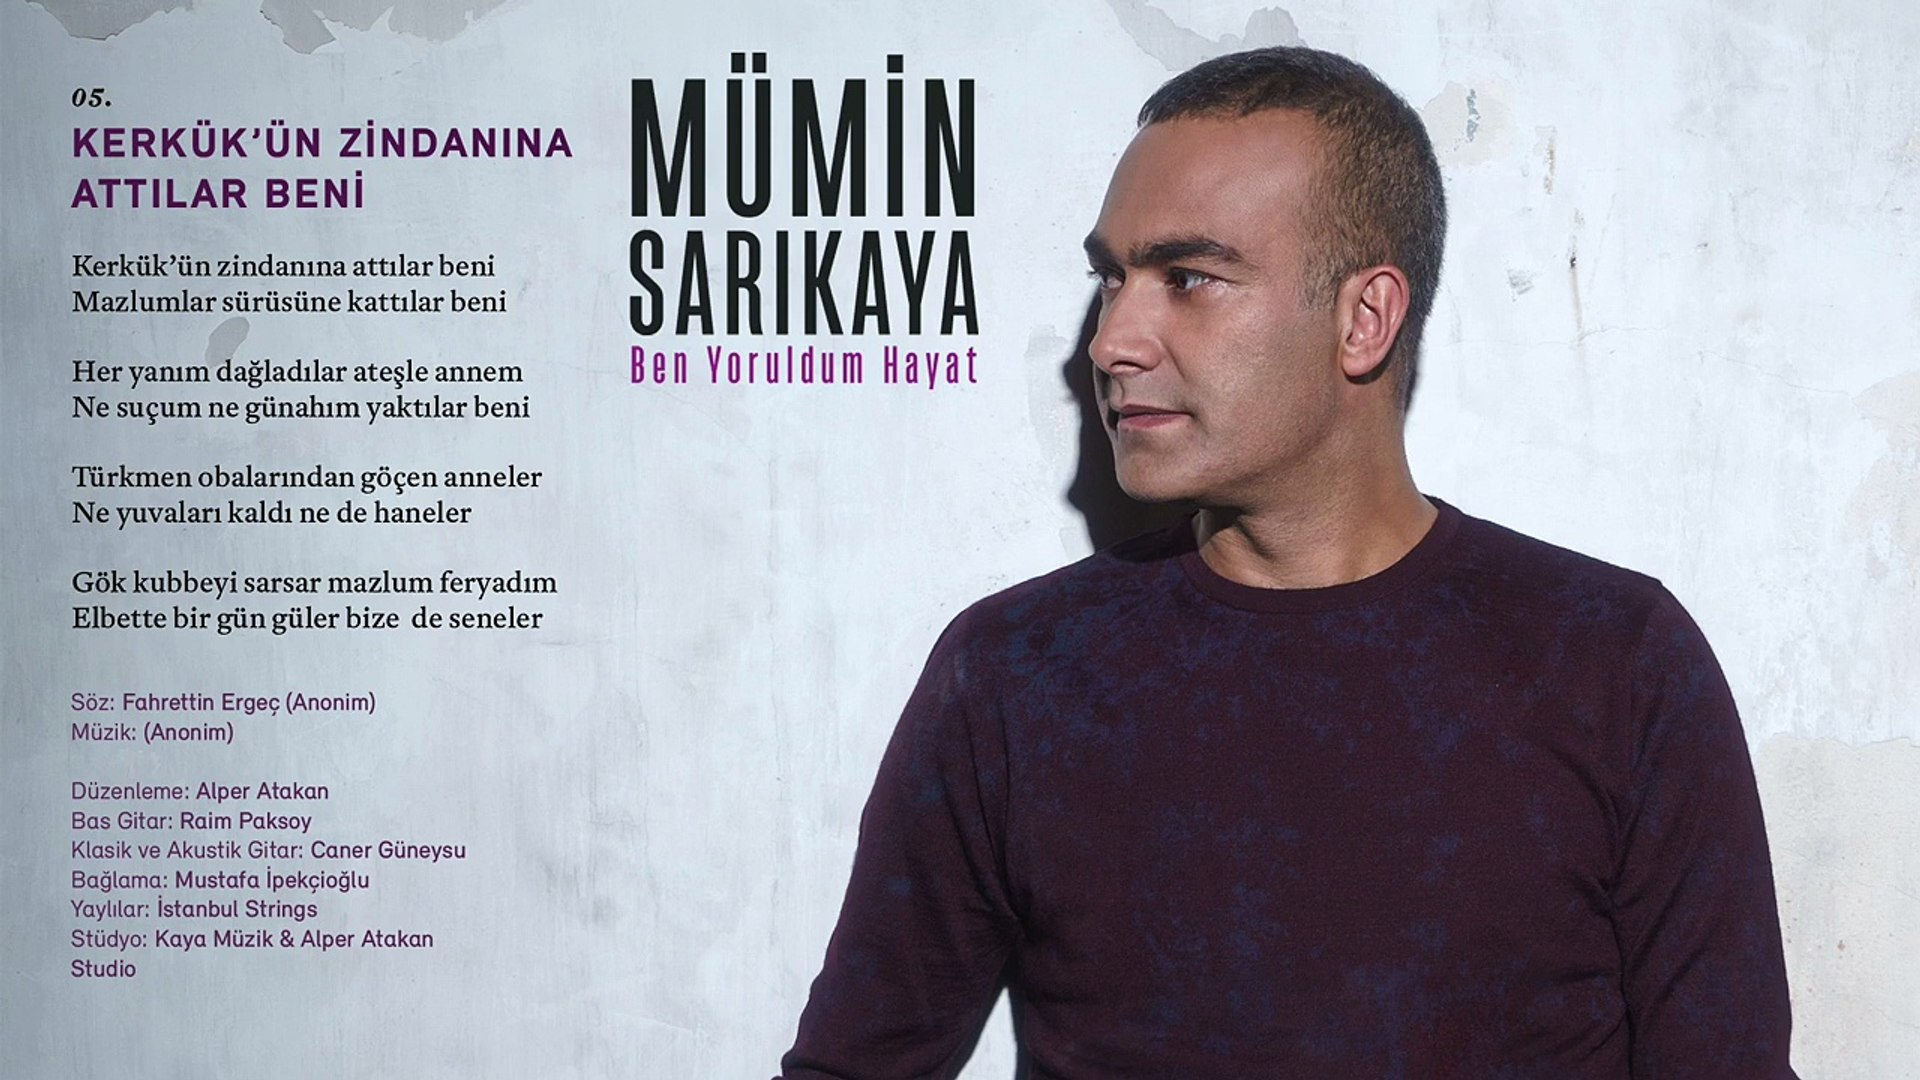 Mümin Sarıkaya - Kerkük'ün Zindanına Attılar Beni (Official Audio)